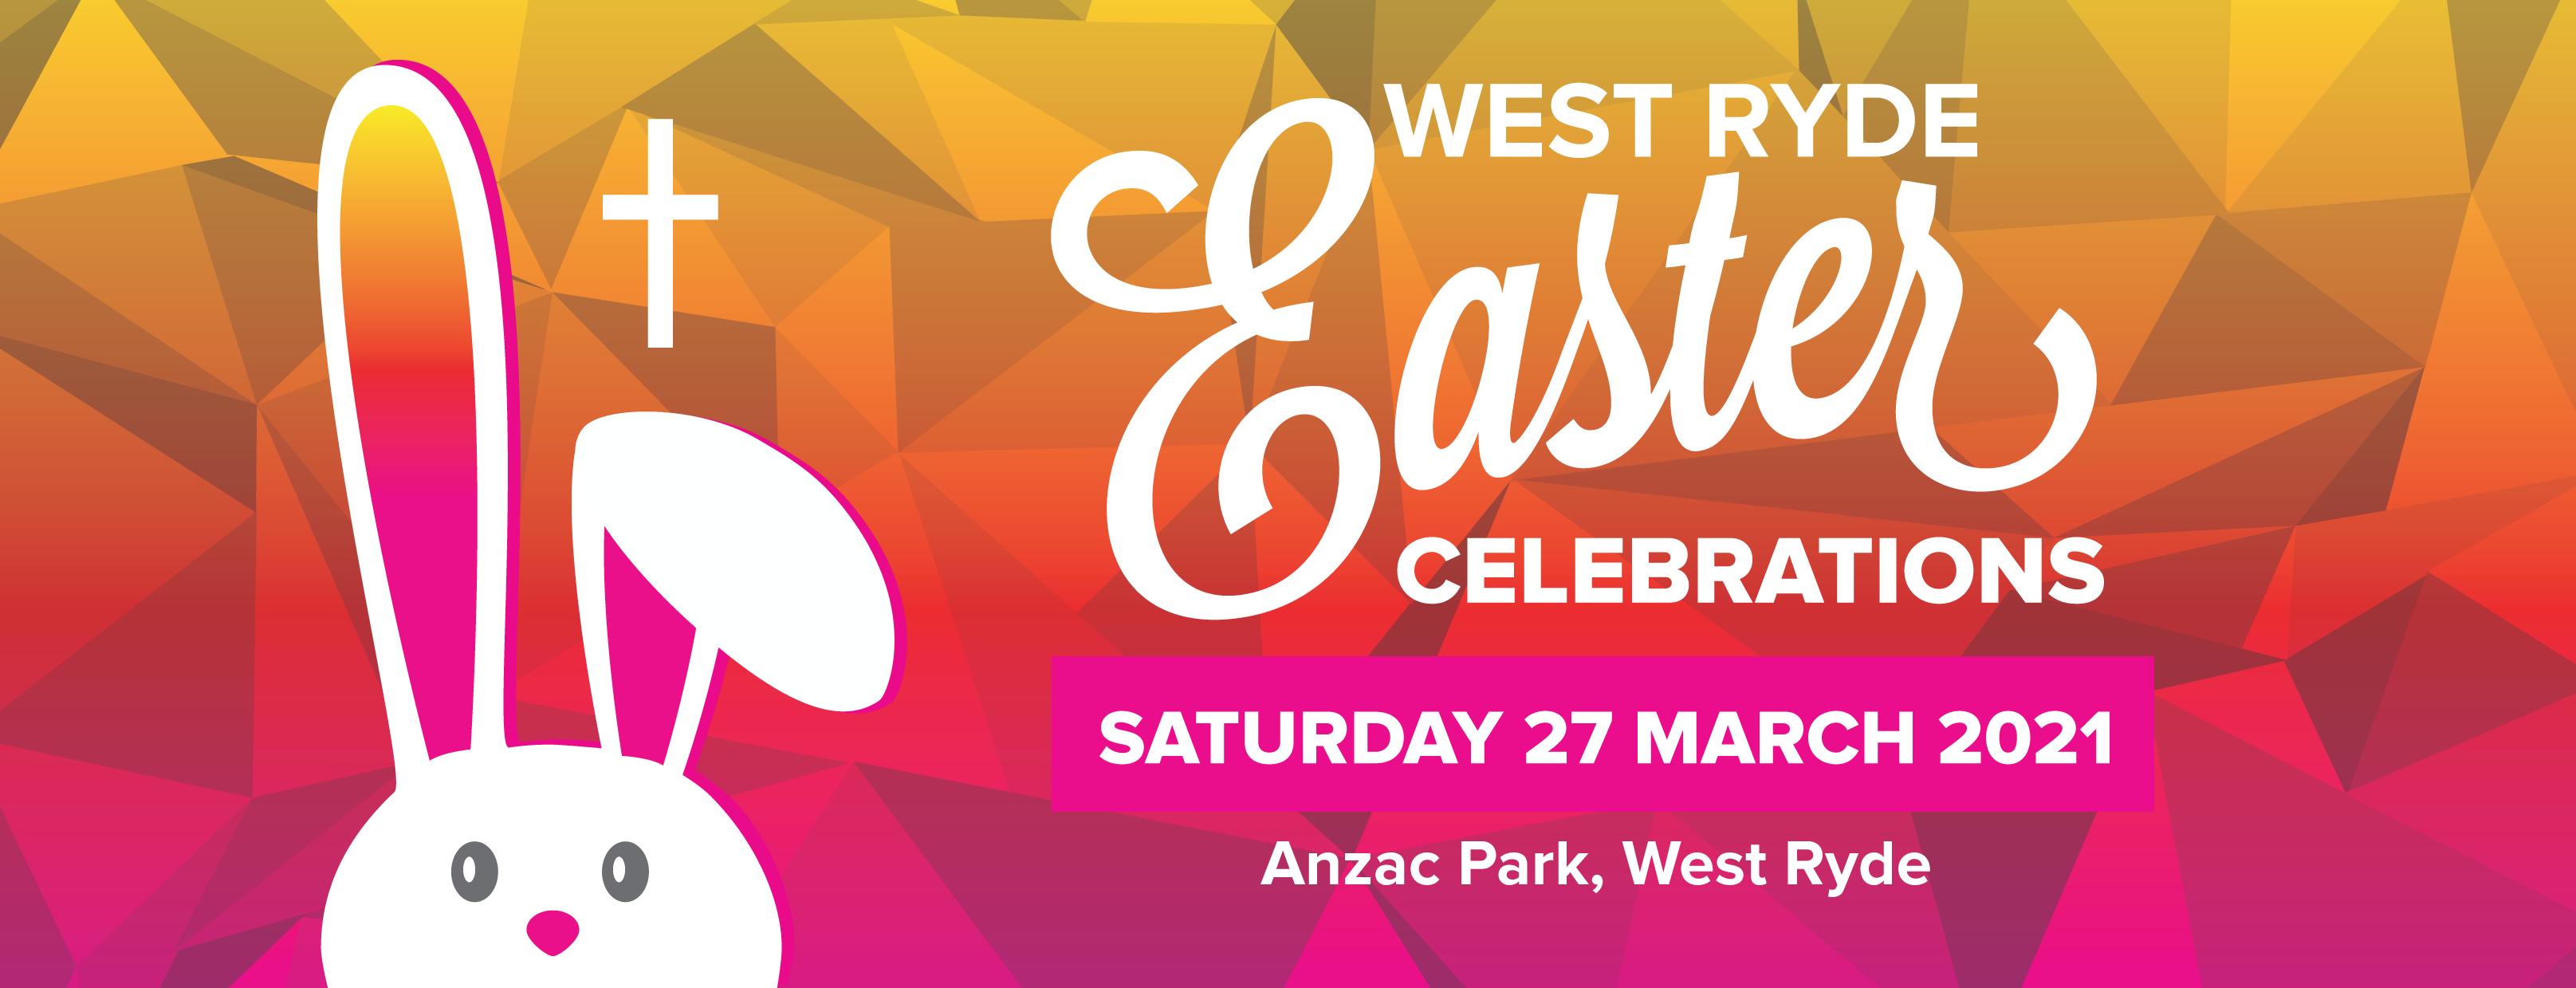 West Ryde Easter Celebrations